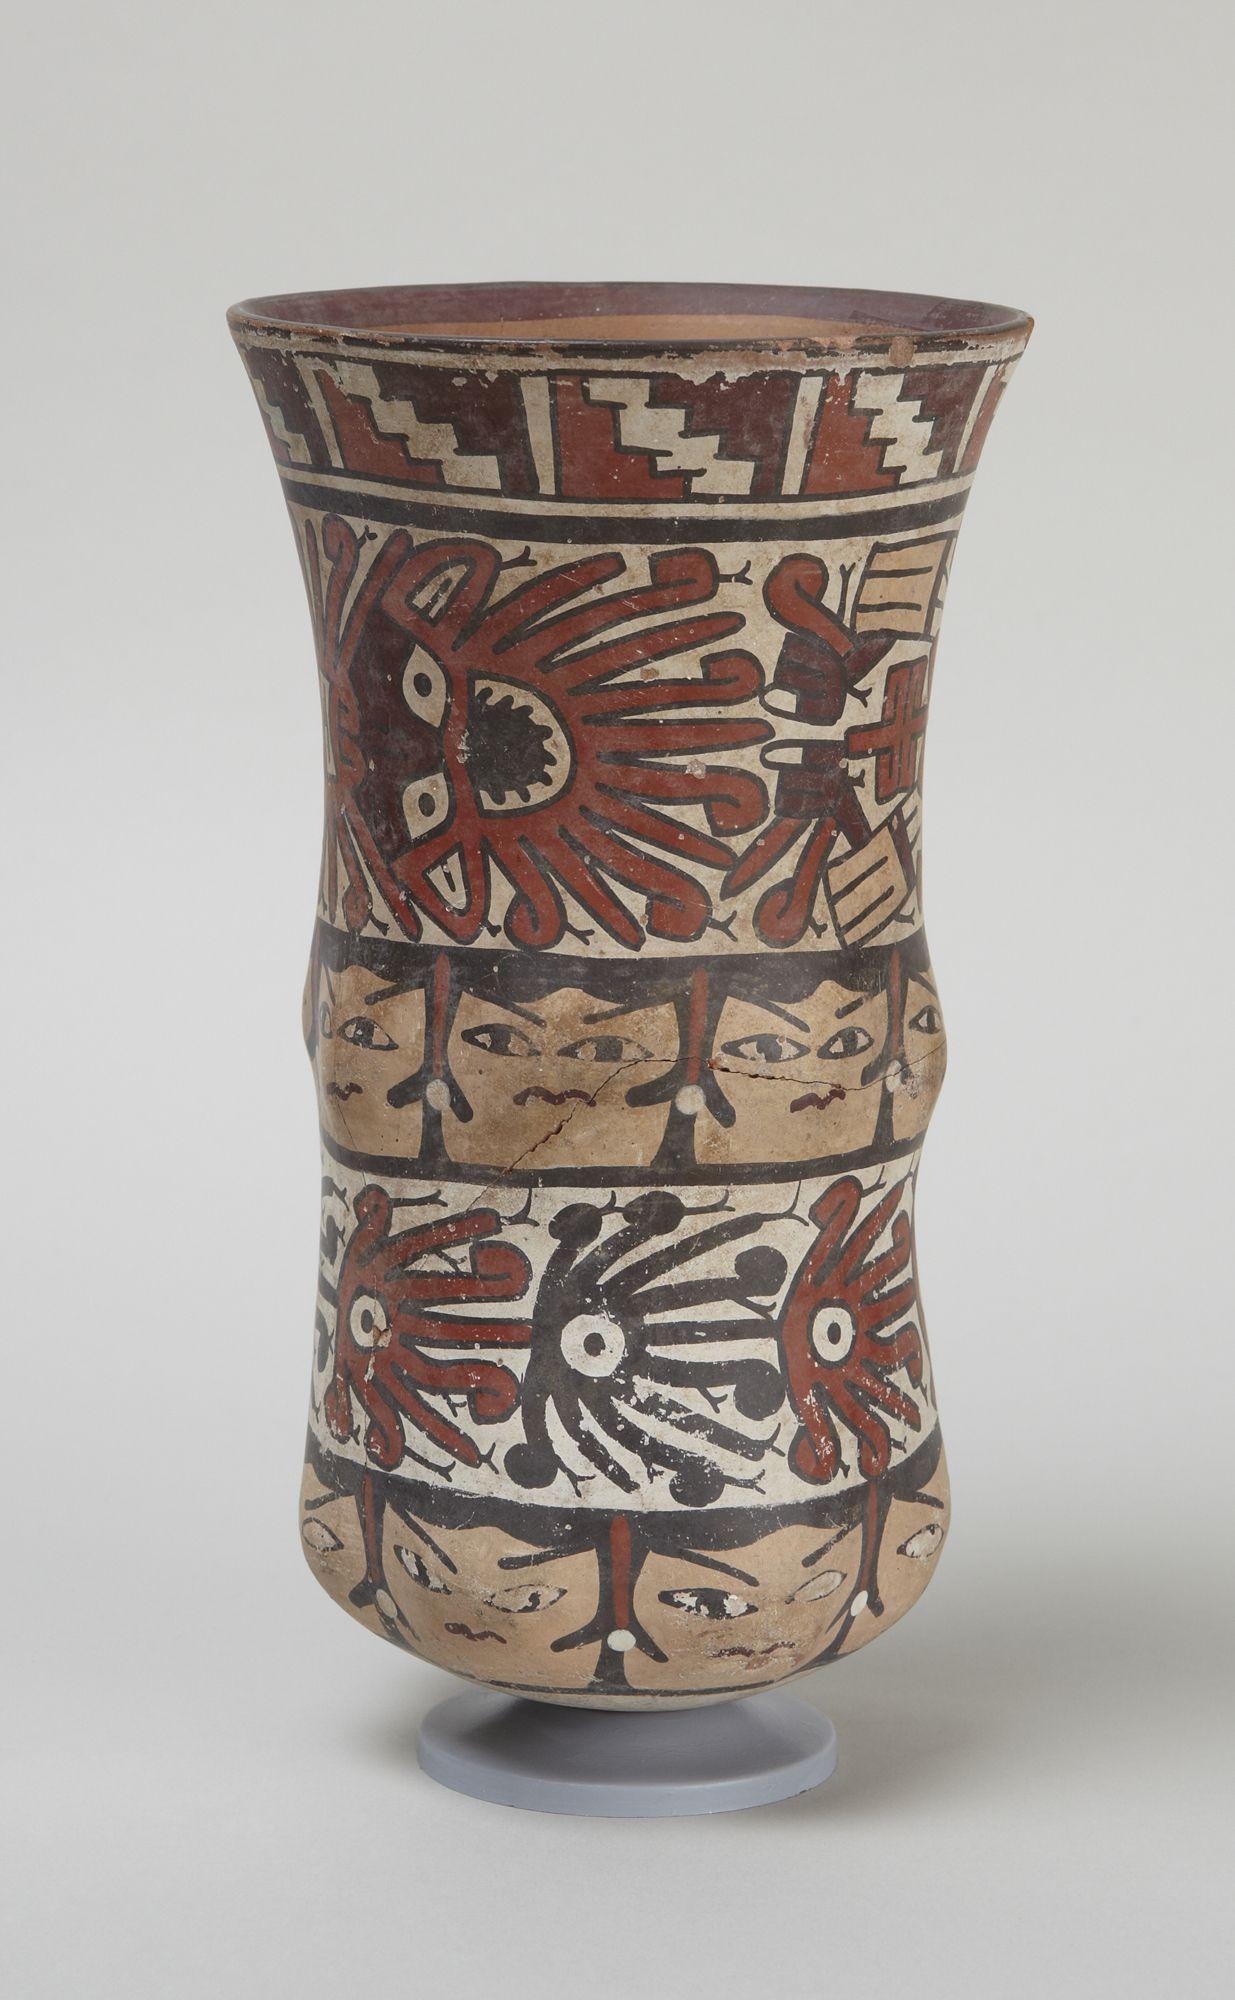 Early Intermediate, Nasca  Deep jar, 200 B.C.–A.D. 500  Ceramic with polychrome slip  h. 20.6 cm., diam. 11.6 cm. (8 1/8 x 4 9/16 in.)  Place made: South coast, Peru